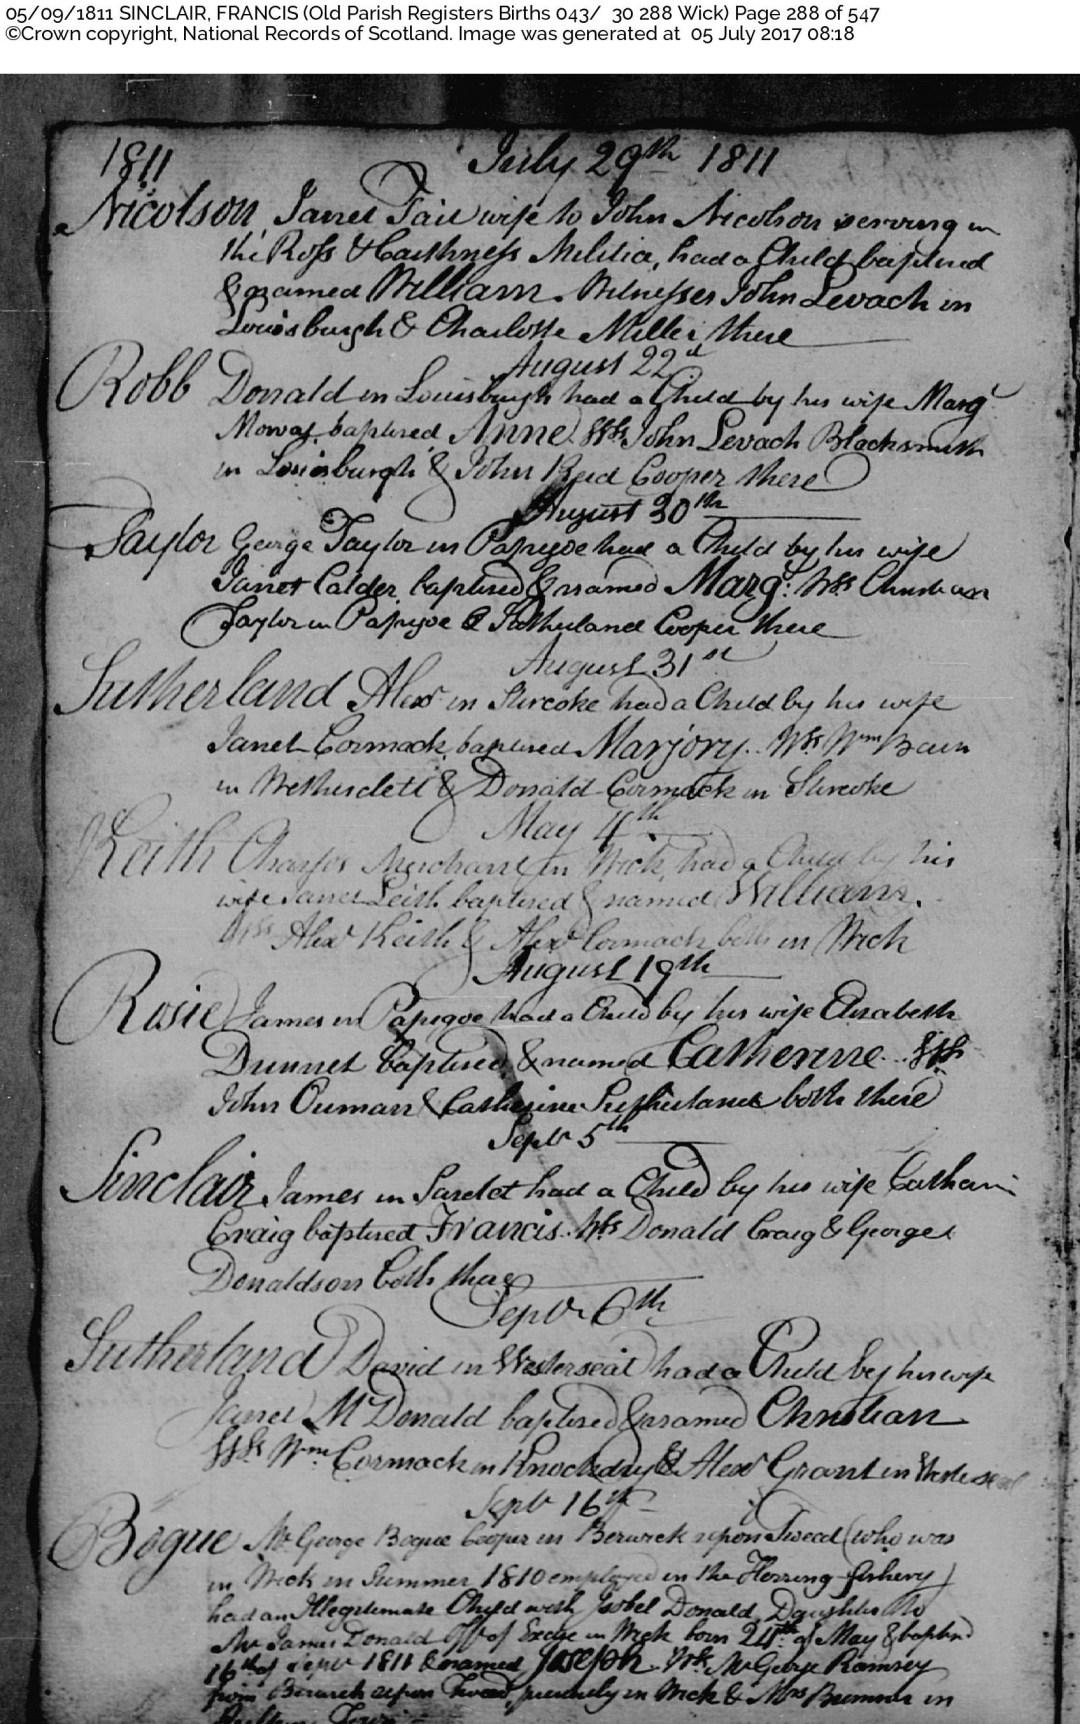 Francis Sinclair birth OPR 1811